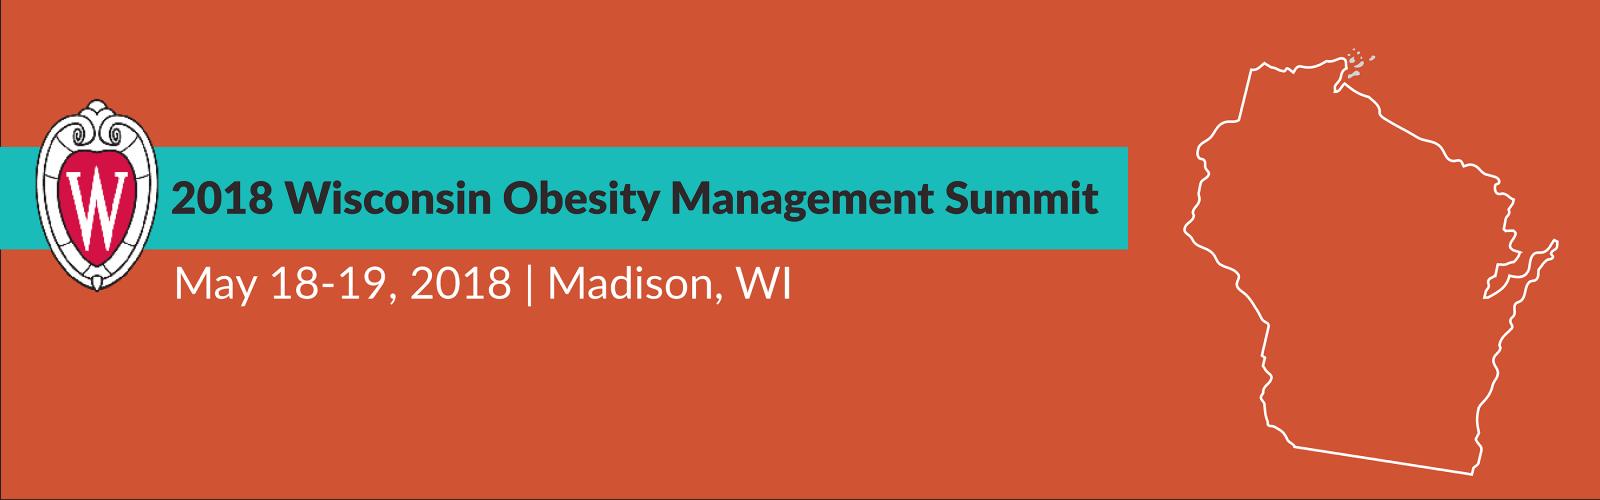 2018 Wisconsin Obesity Management Summit Web banner